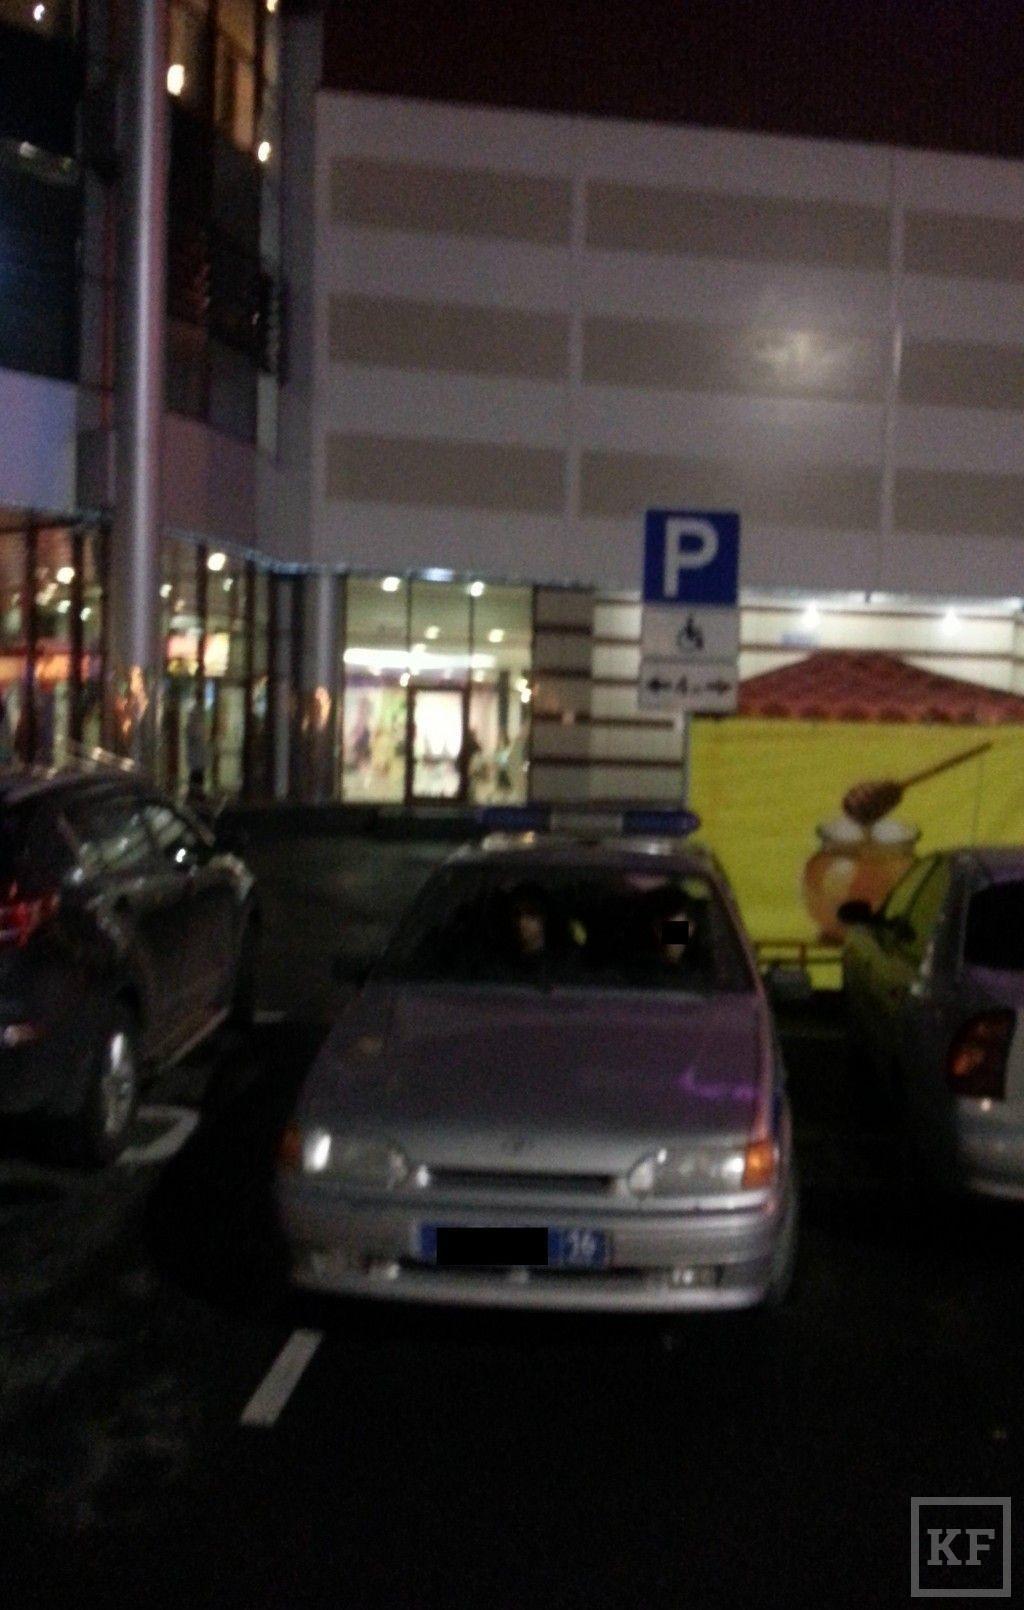 В Казани привлечен к ответственности сотрудник полиции, припарковавший служебную машину на стоянке для инвалидов